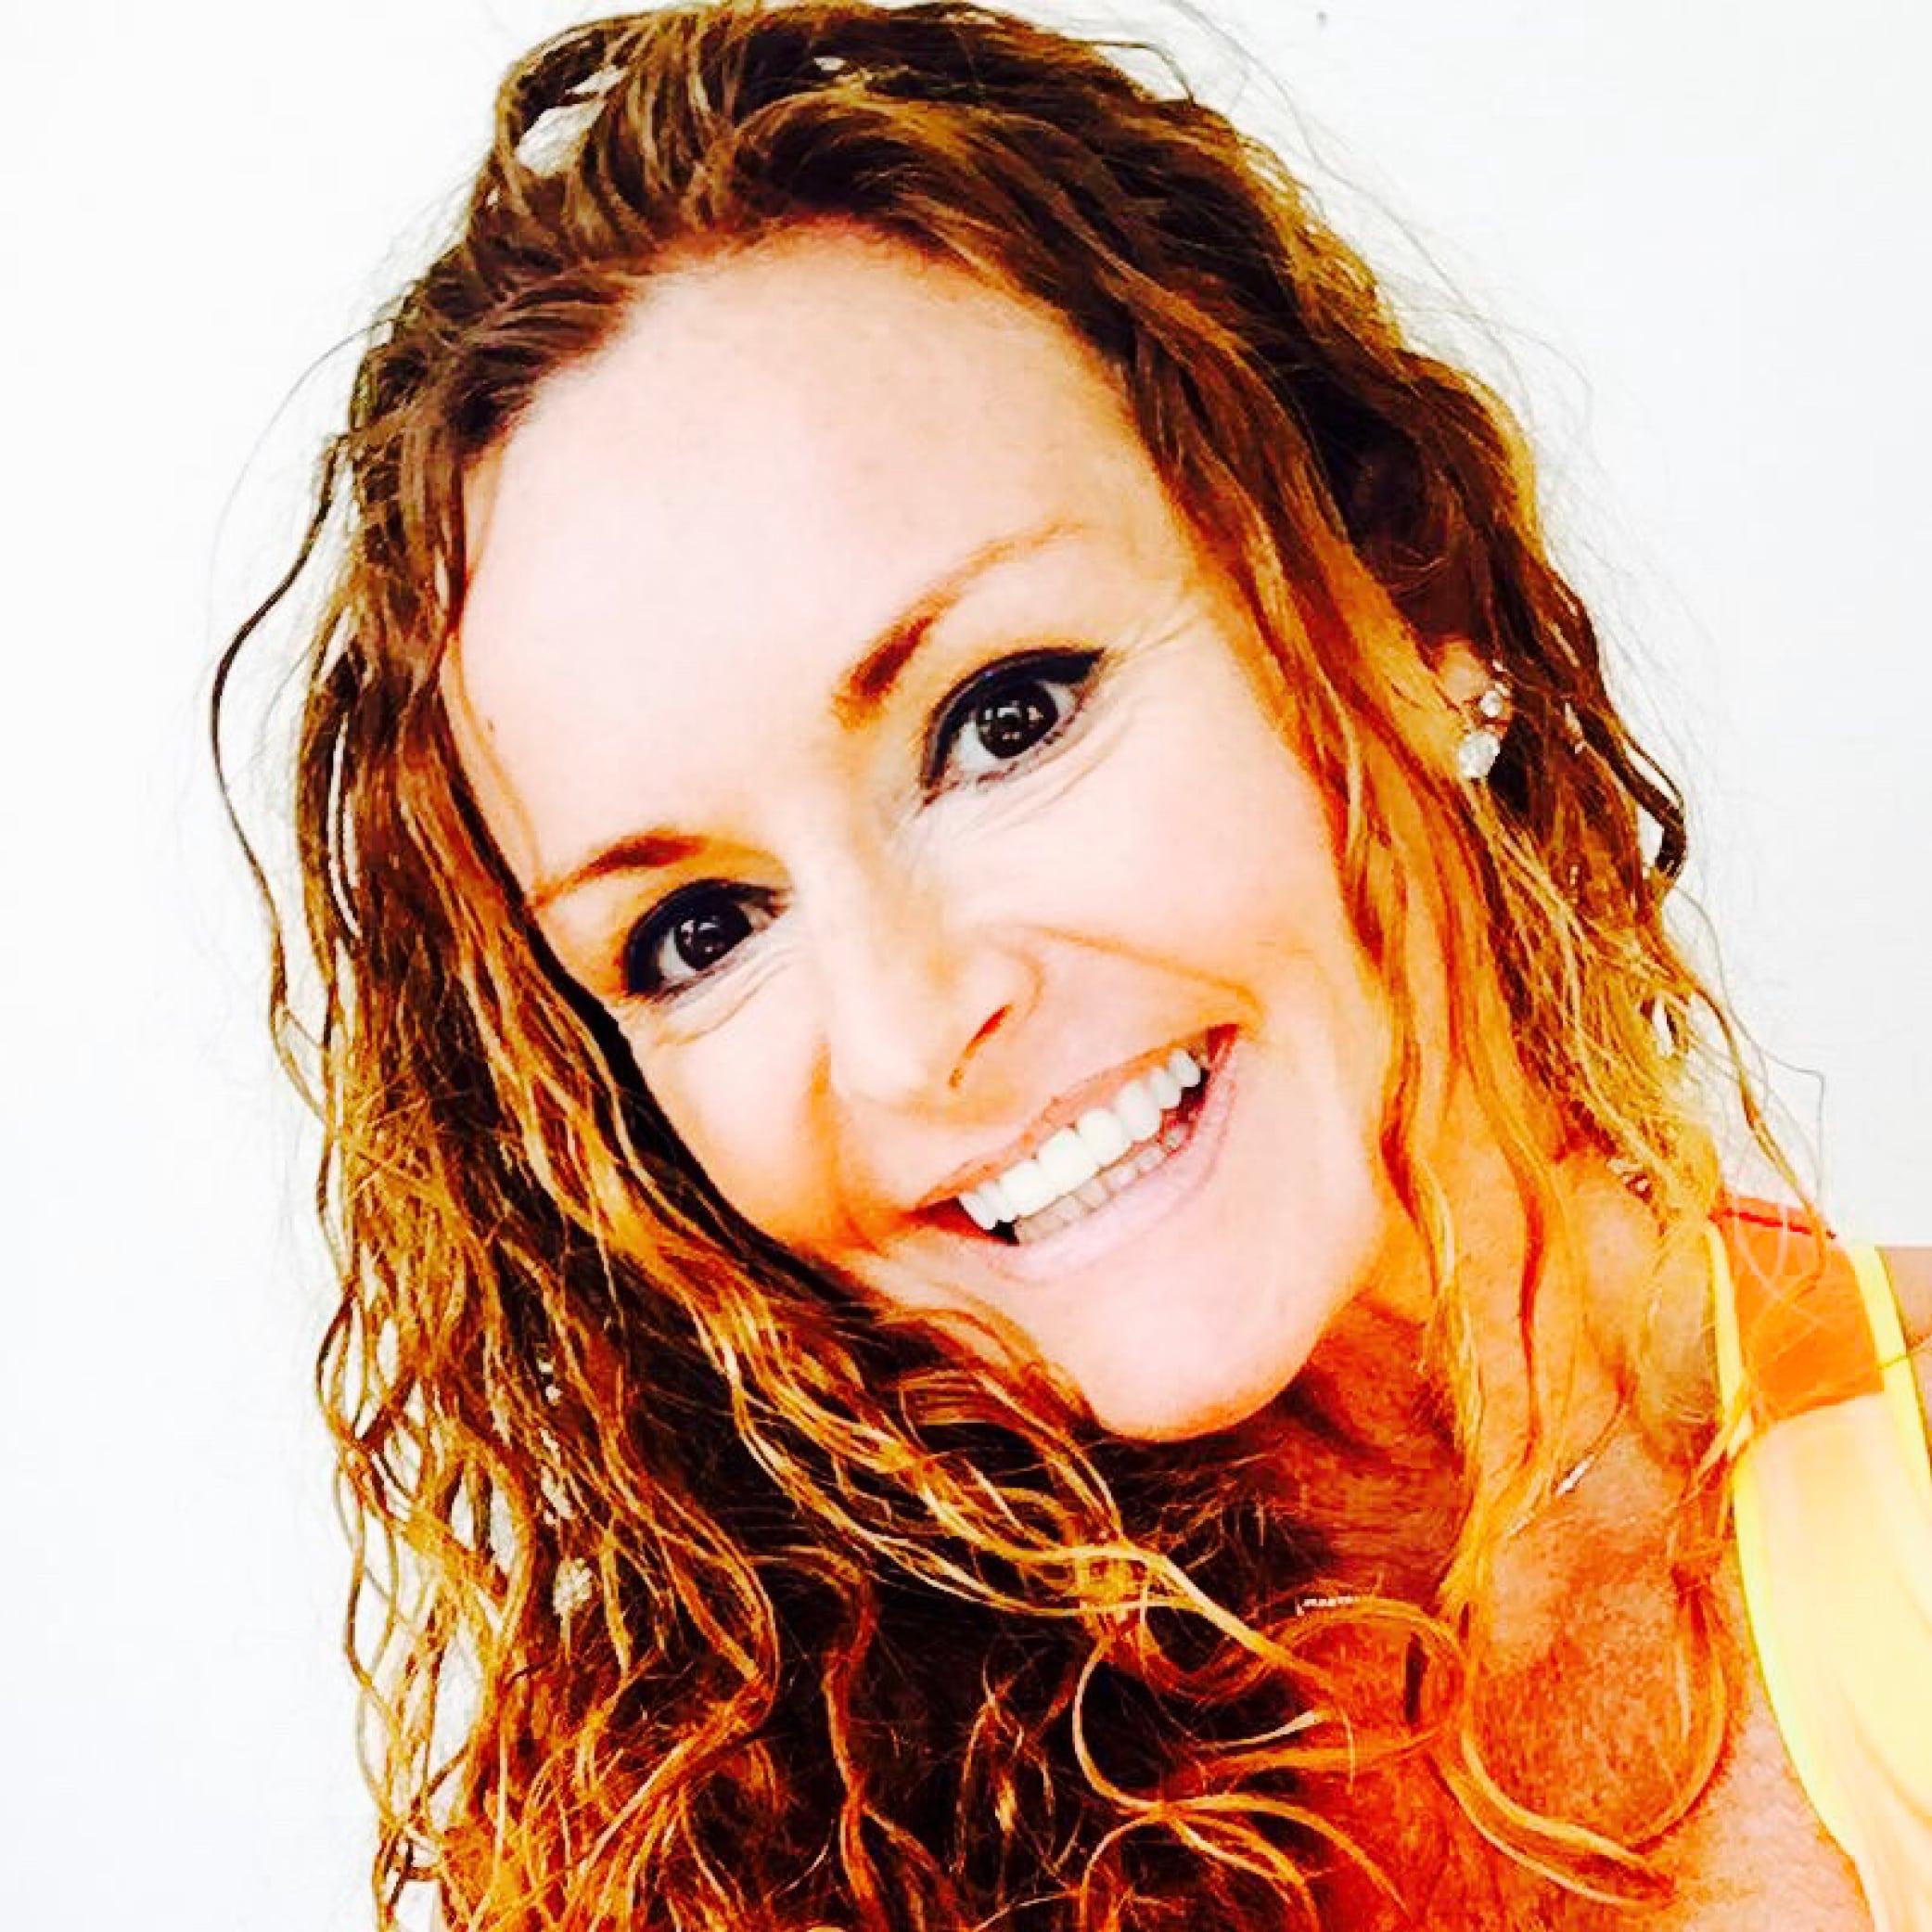 Christin Kalve   Vår motivator og treningsekspert på denne reisen er Christin Marås Kalve som er en dyktig, erfaren og fargerik vestlandsdame. Utdannet instruktør og PT gjennom SAFS og SAFE. Christin brenner for hverdagsmagi og å gjøre trening og kosthold så inspirerende -lett og ukomplisert som mulig for flest mulig. Christin er kjent for å være en mester i å motivere andre med sin energi og enorme livs- og treningsglede. Christin holder bootcamp sykkelekspress og effektiv tabata denne helgen